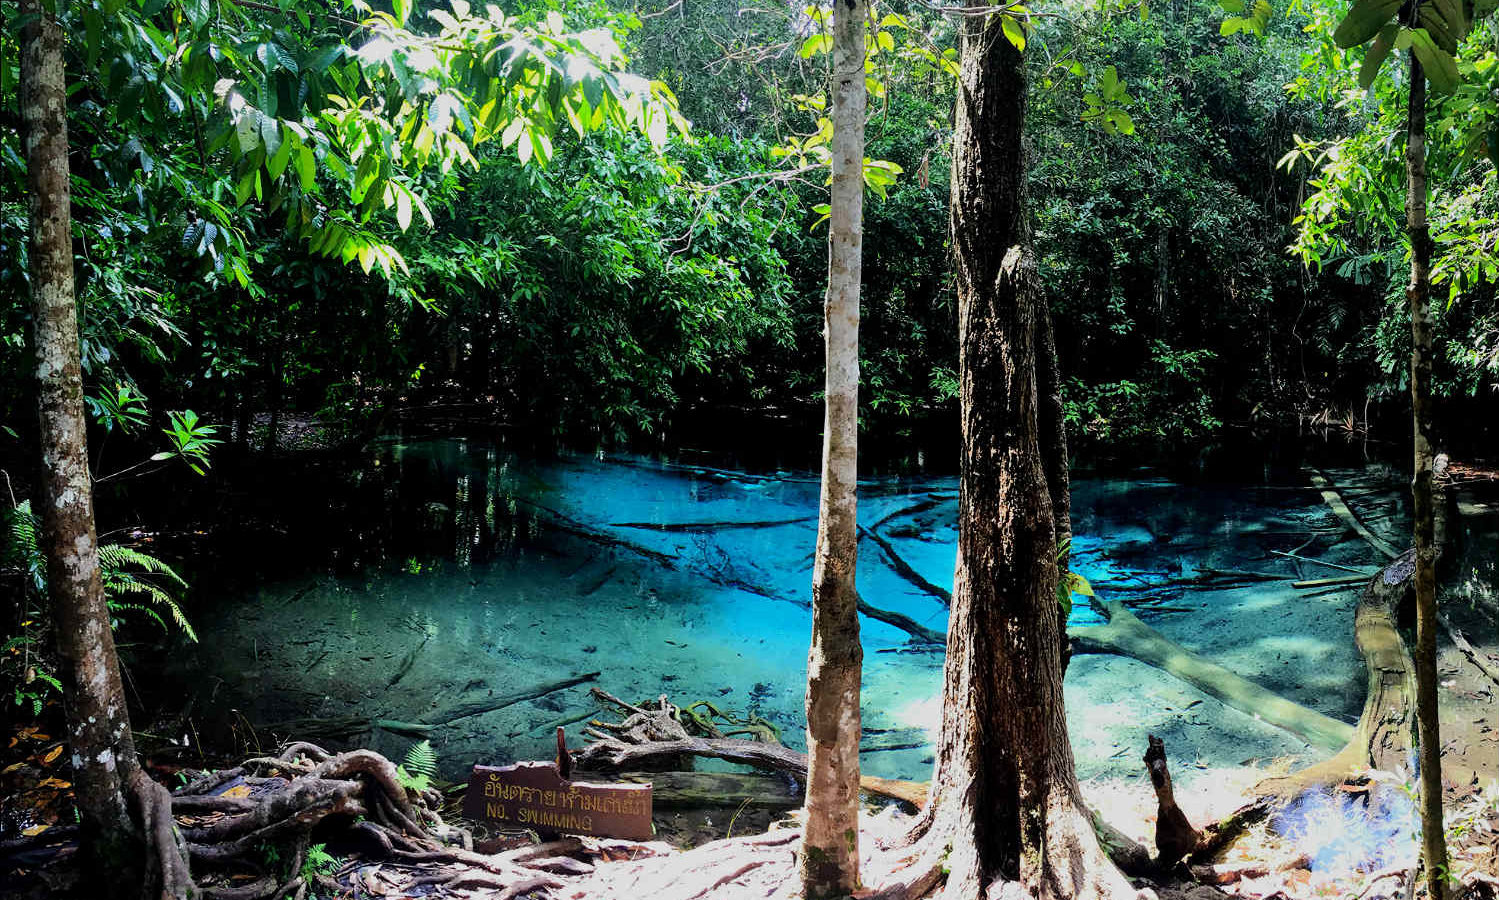 Bleu Pool, blauw meertje welke is omgeven door weelderige jungle